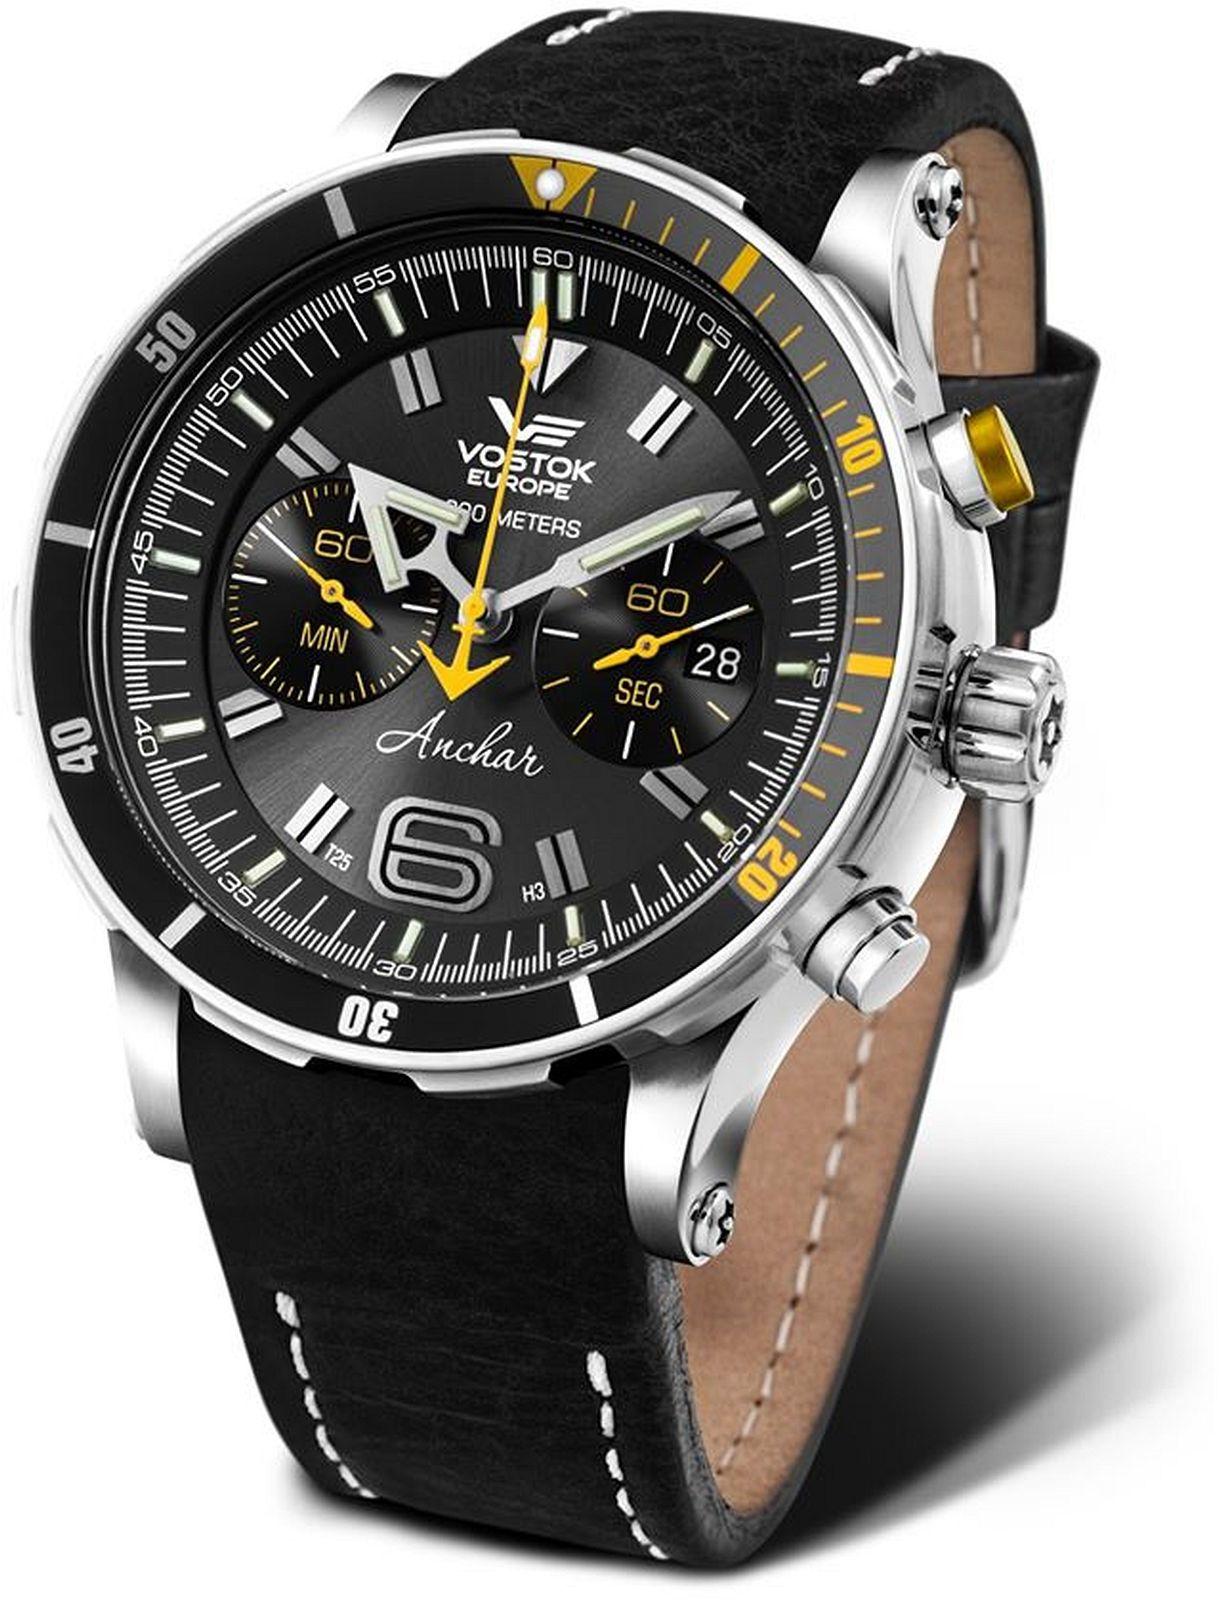 Zegarek męski Vostok Europe Anchar Chronograph